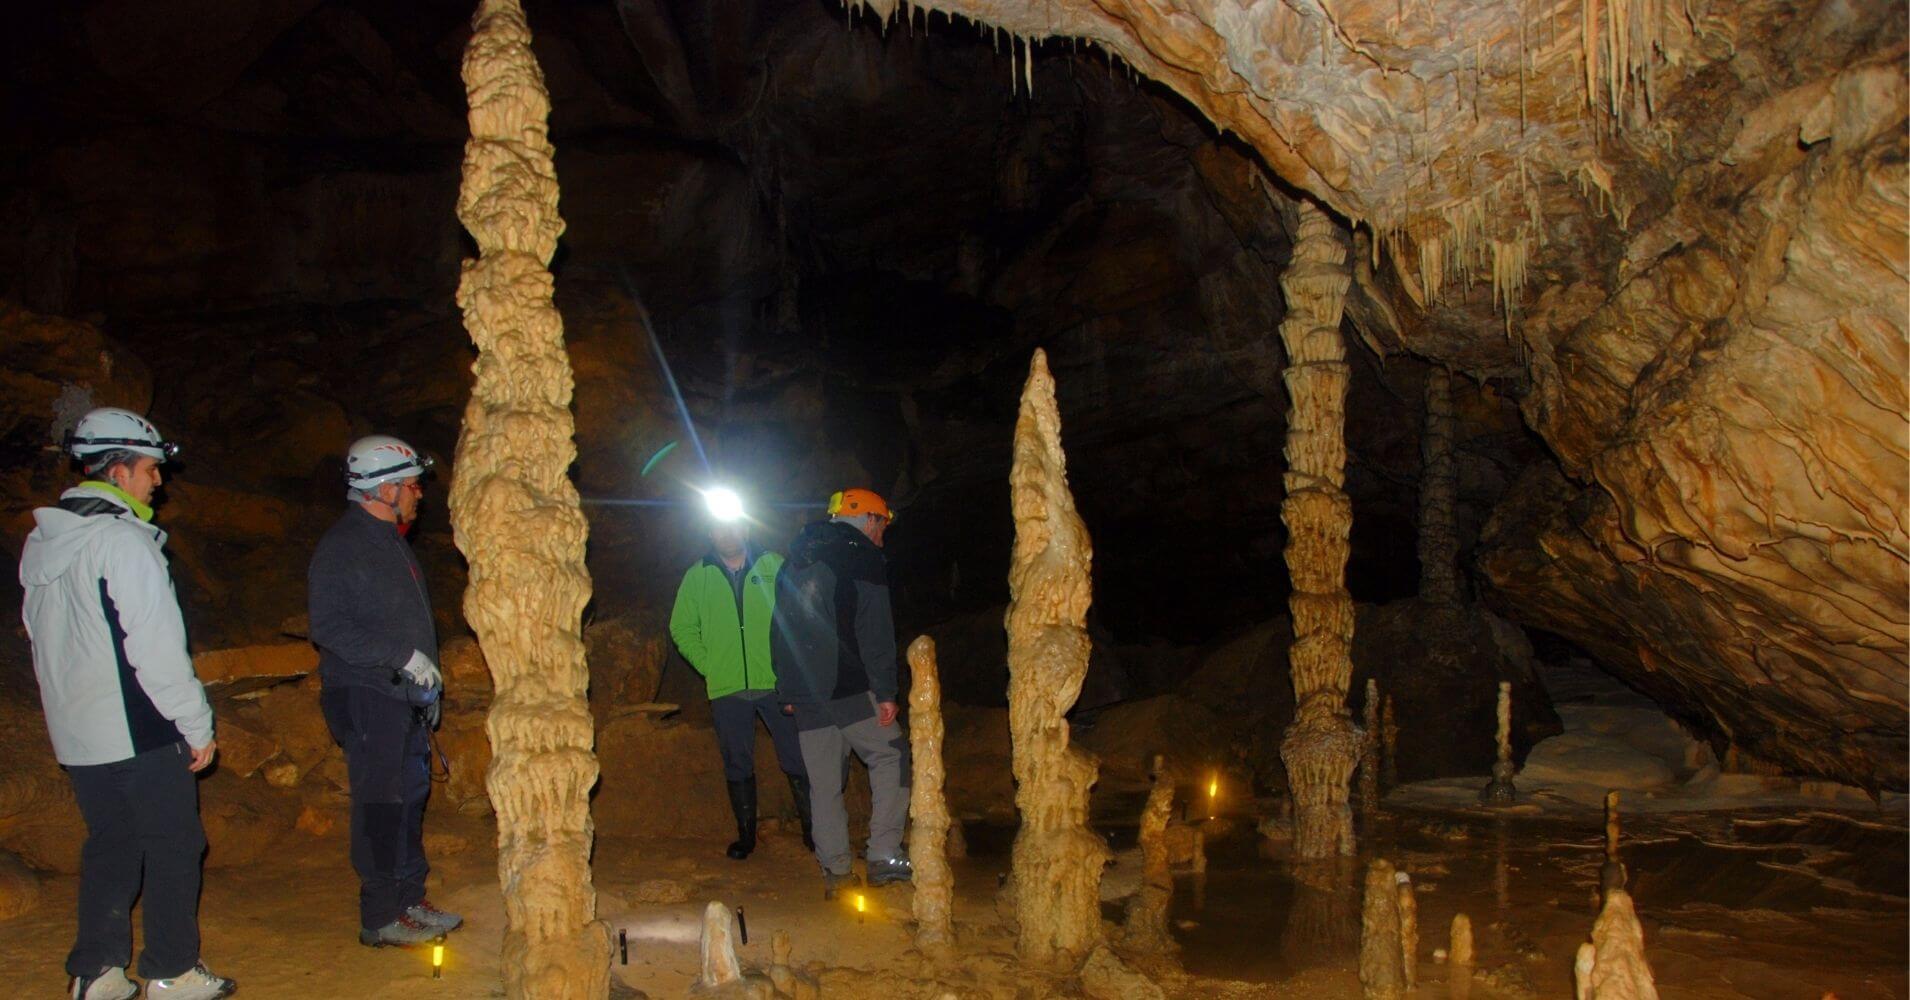 Cueva de Palomera. Sistema Kárstico de Ojo Guareña. Sotos Cueva. Las Merindades. Burgos. Castilla y León.